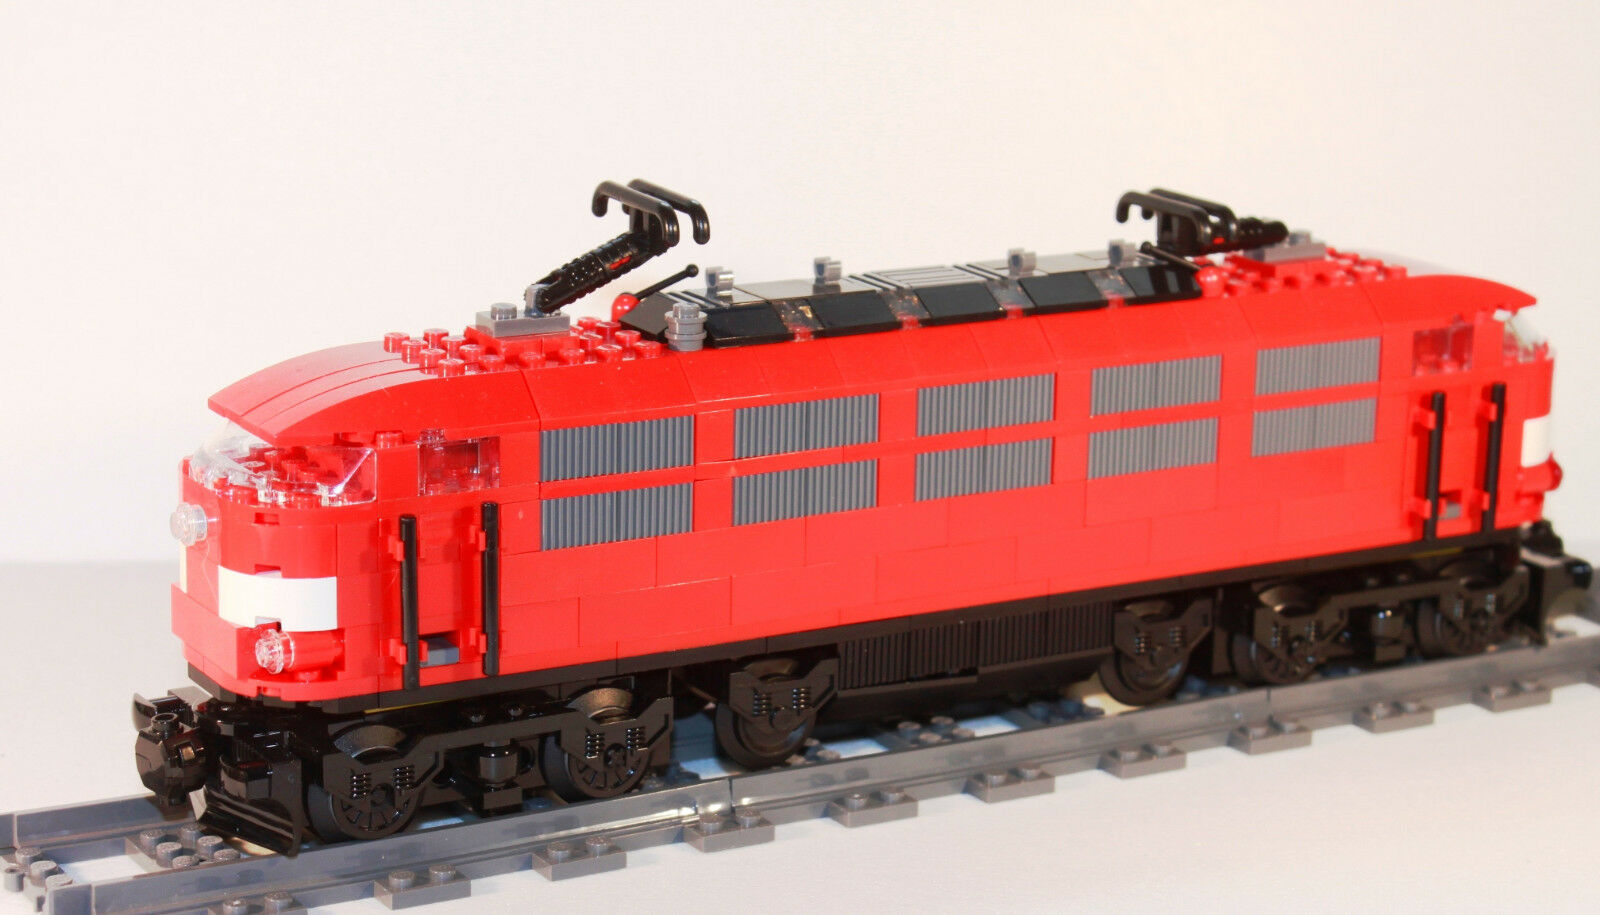 Custom br103 rouge Locomotive de de de LEGO ® Chemin de fer train IC inter city train rapide NEUF 202408